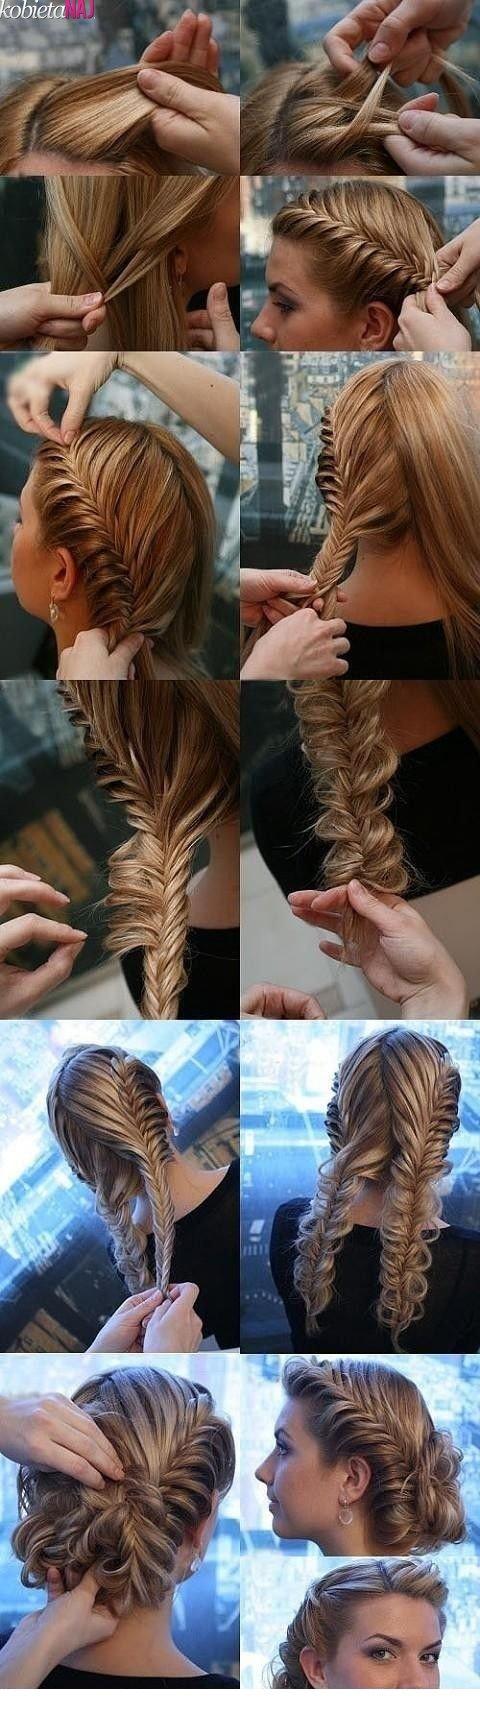 Плетение волос своими руками на средние волосы 183